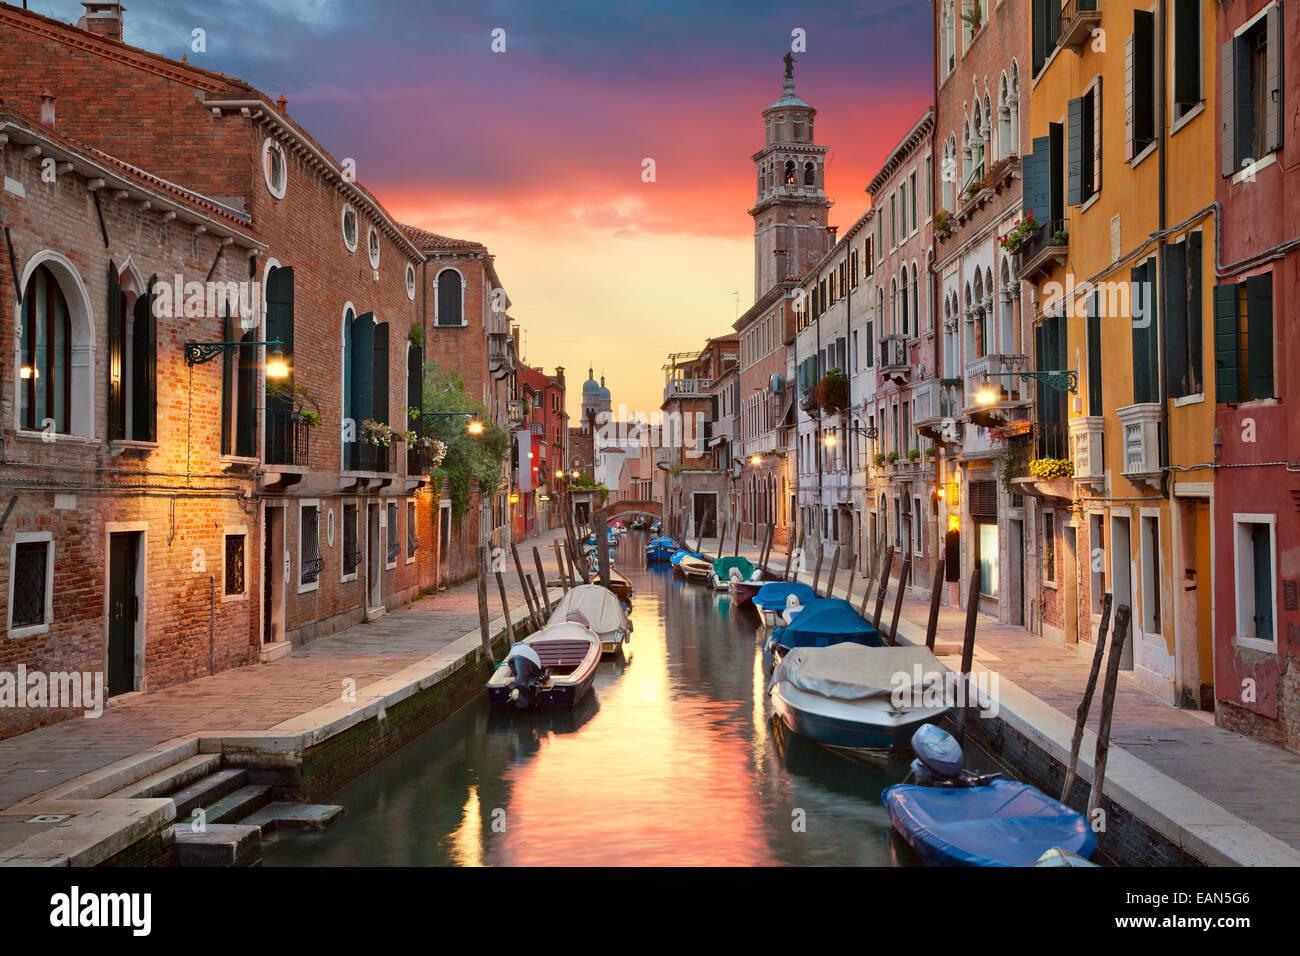 L'un des nombreux canaux étroits à Venise au beau coucher du soleil. Photo Stock